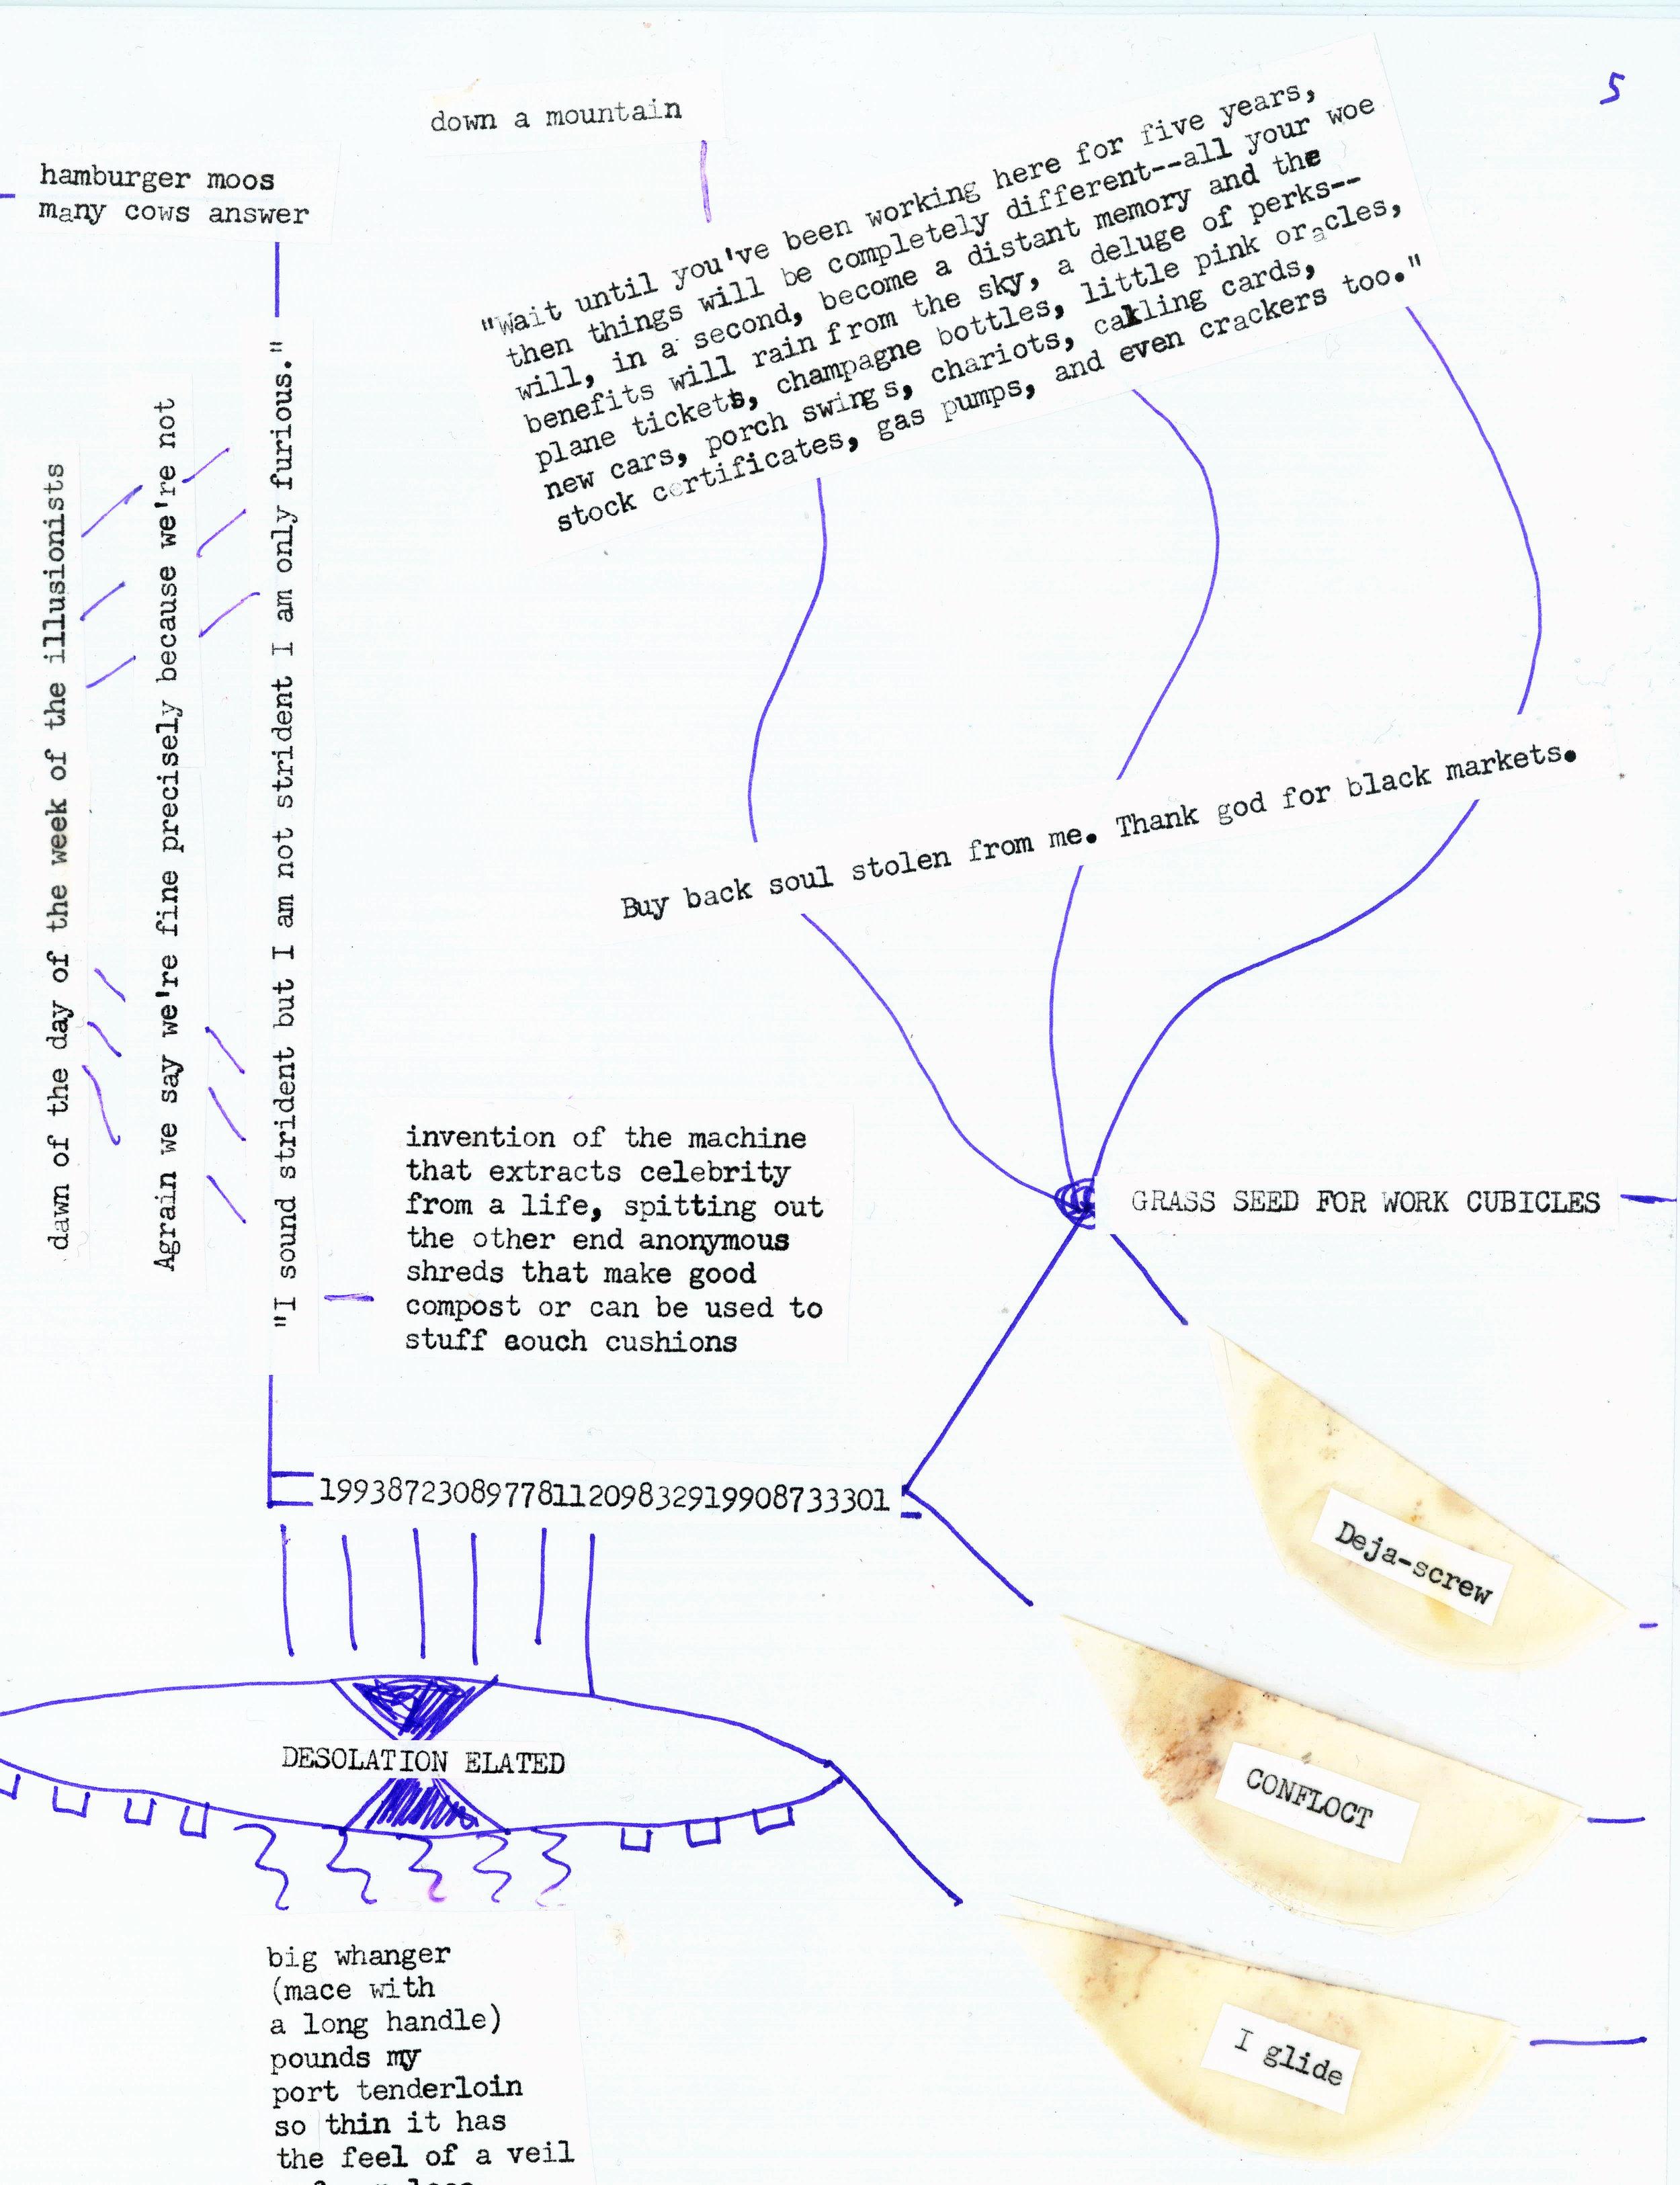 AMDTTch5_page5-c.jpg